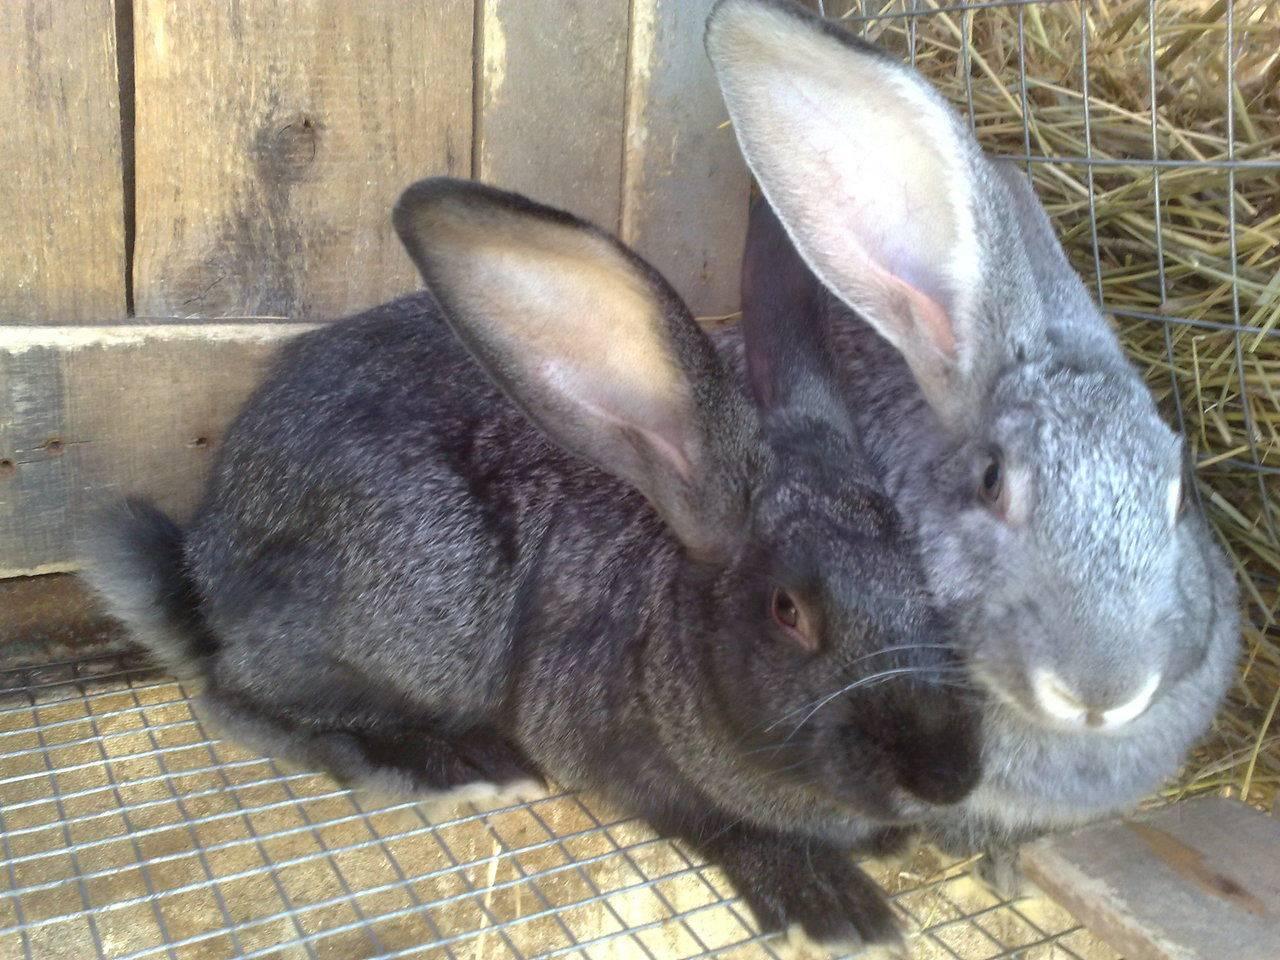 Породы кроликов - основные отличия, рекомендуемые для содержания в домашних условиях и на ферме